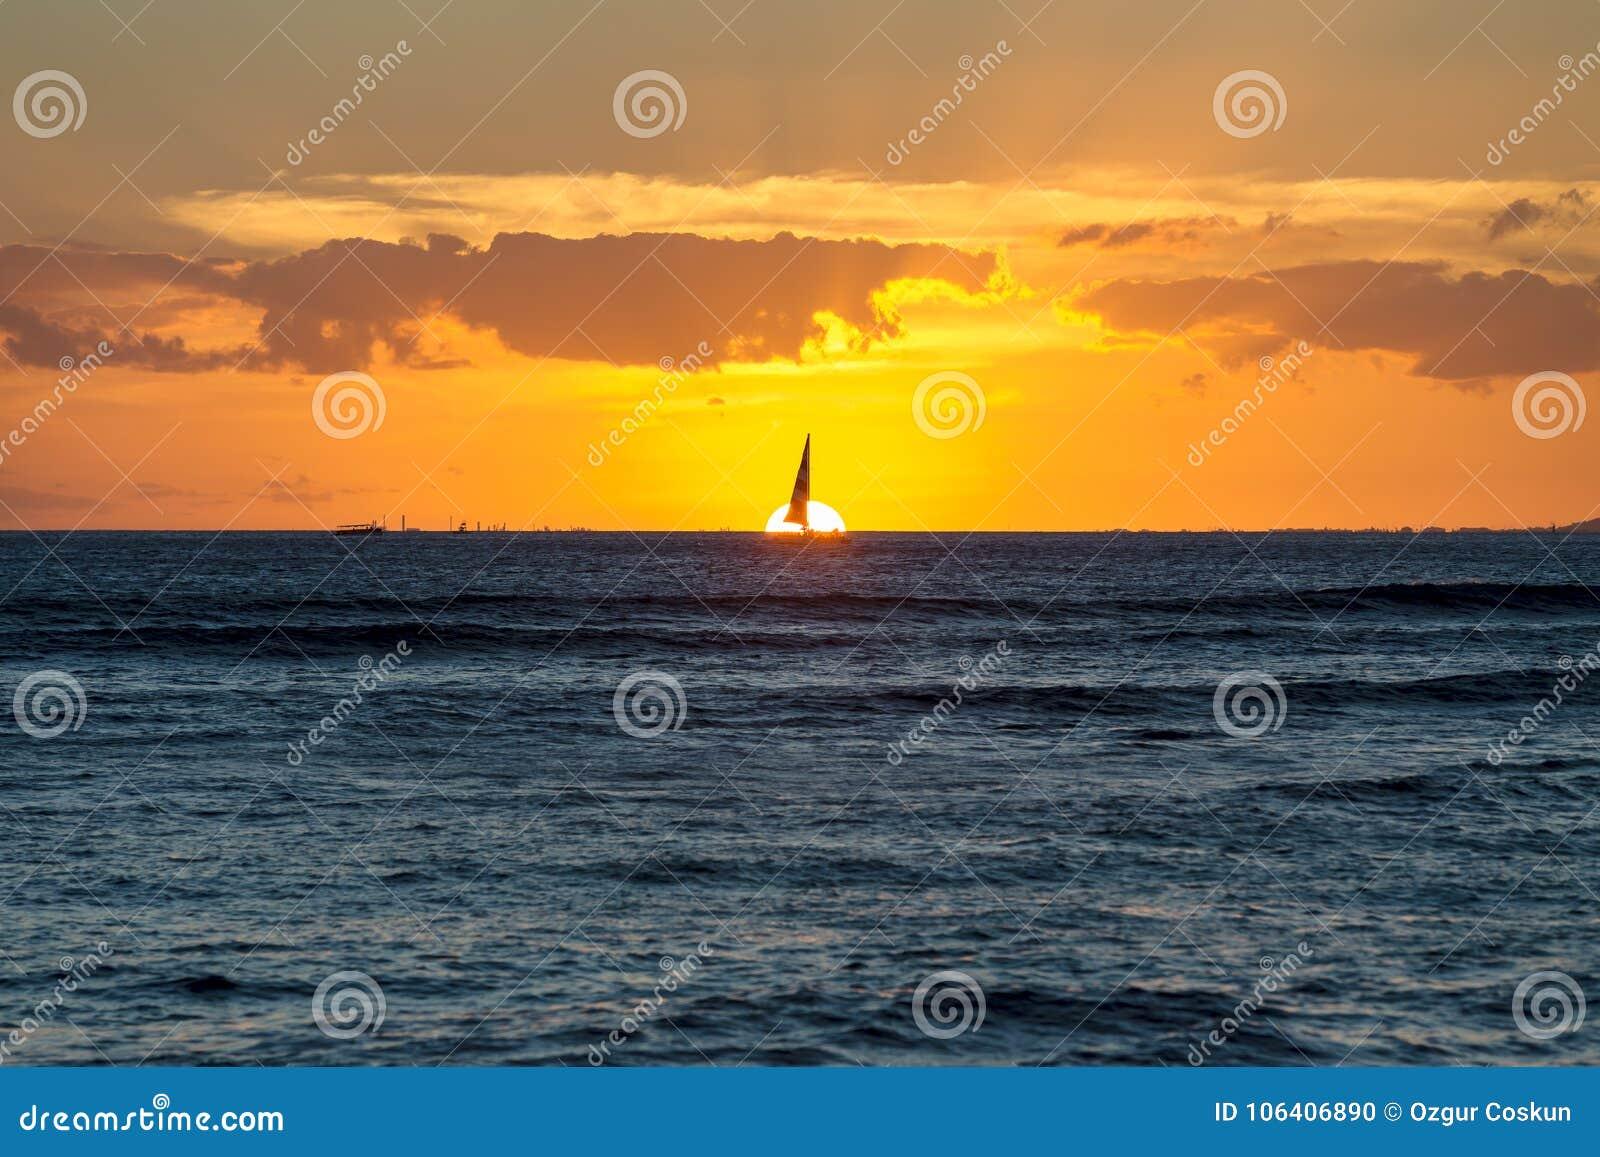 Δραματικό φλογερό πορτοκαλί της Χαβάης ηλιοβασίλεμα